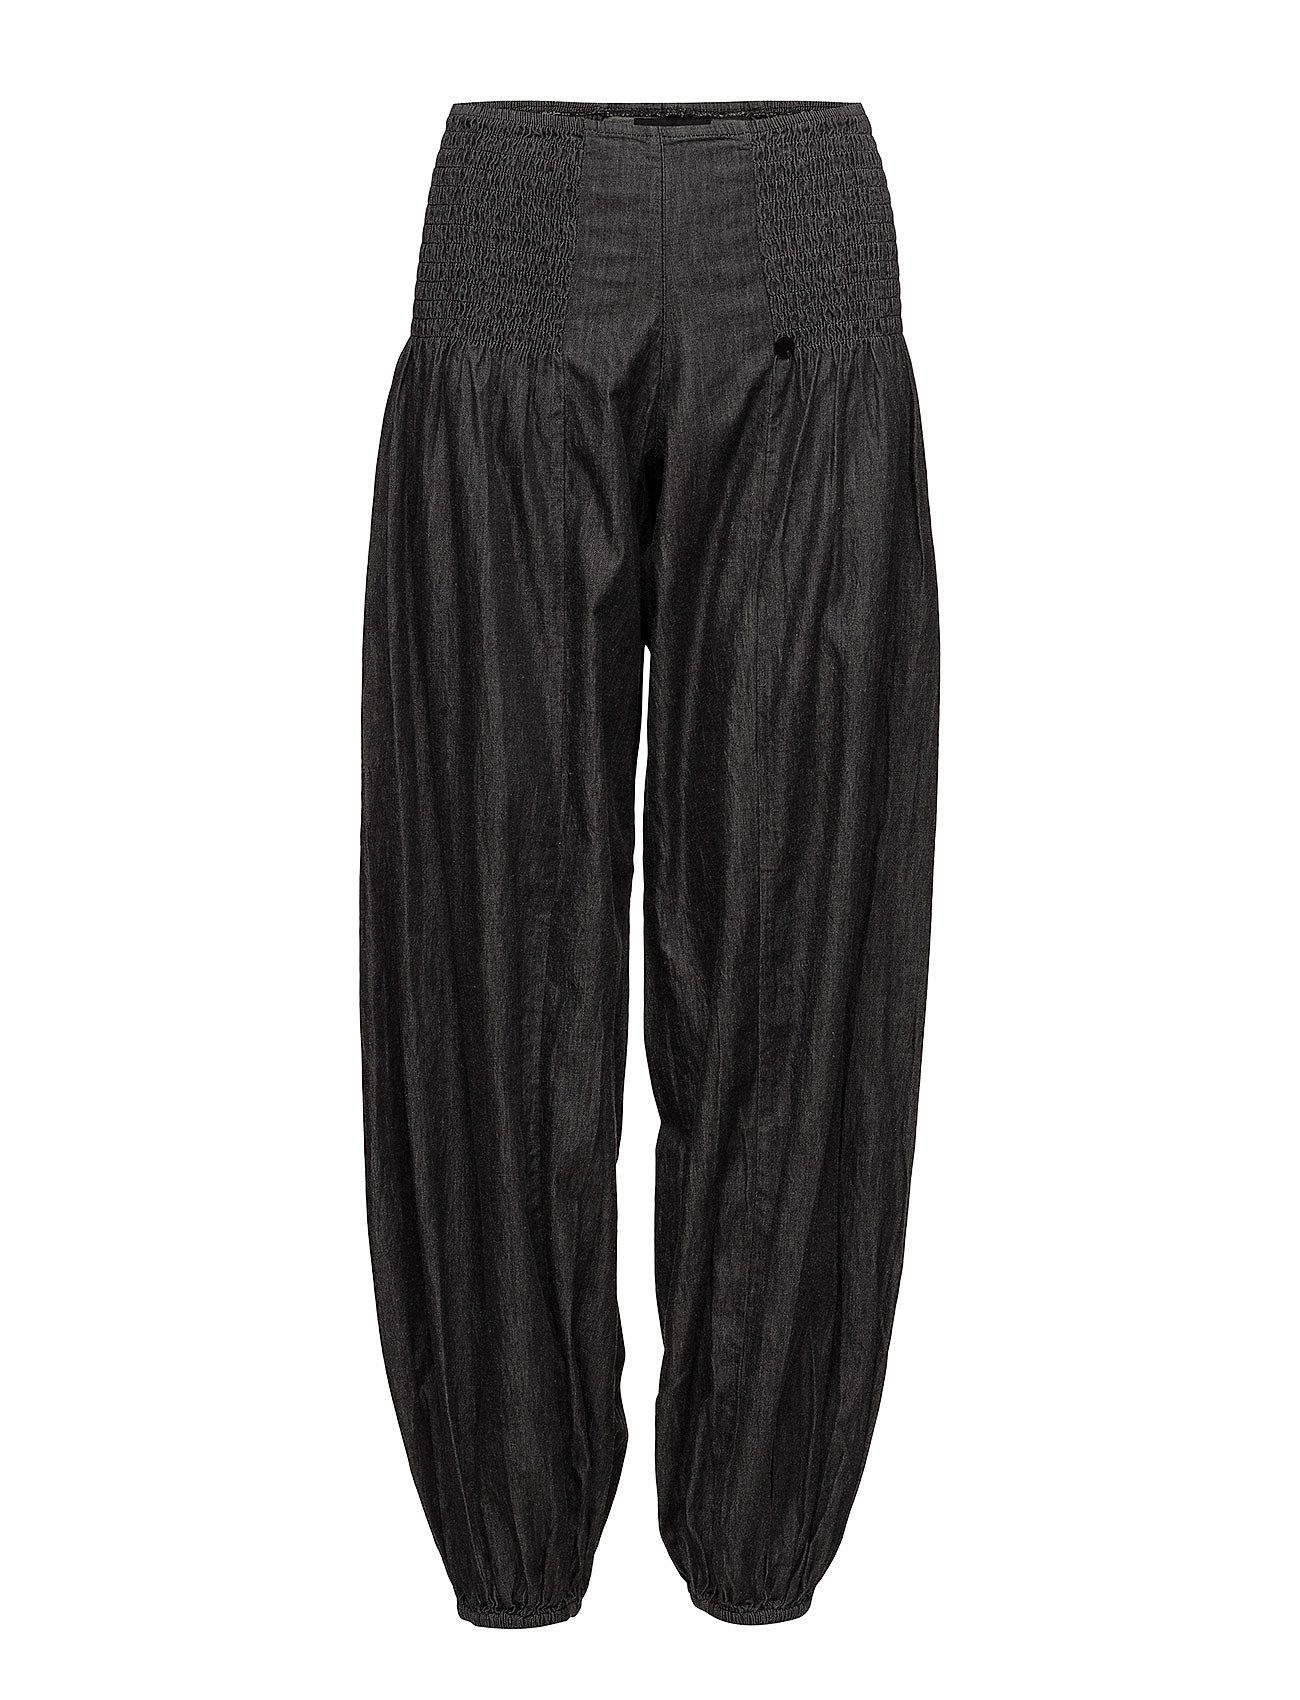 dfa8207fda0 Jill Wide Denim Pant casual Bukser fra PULZ til dame i BLACK SOLID ...